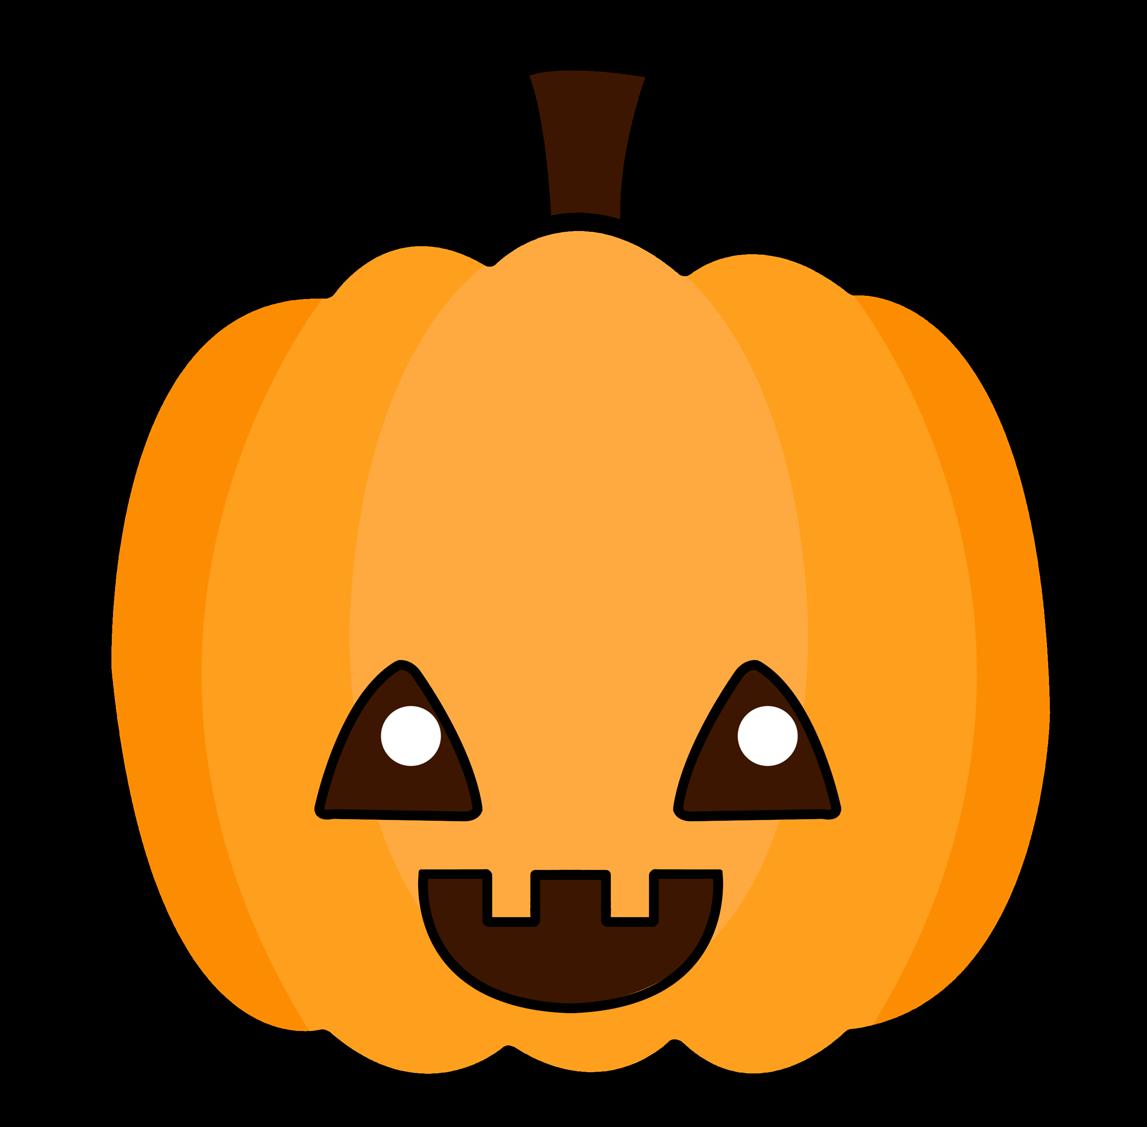 1147x1127 Squash Clipart Cute Halloween Pumpkin